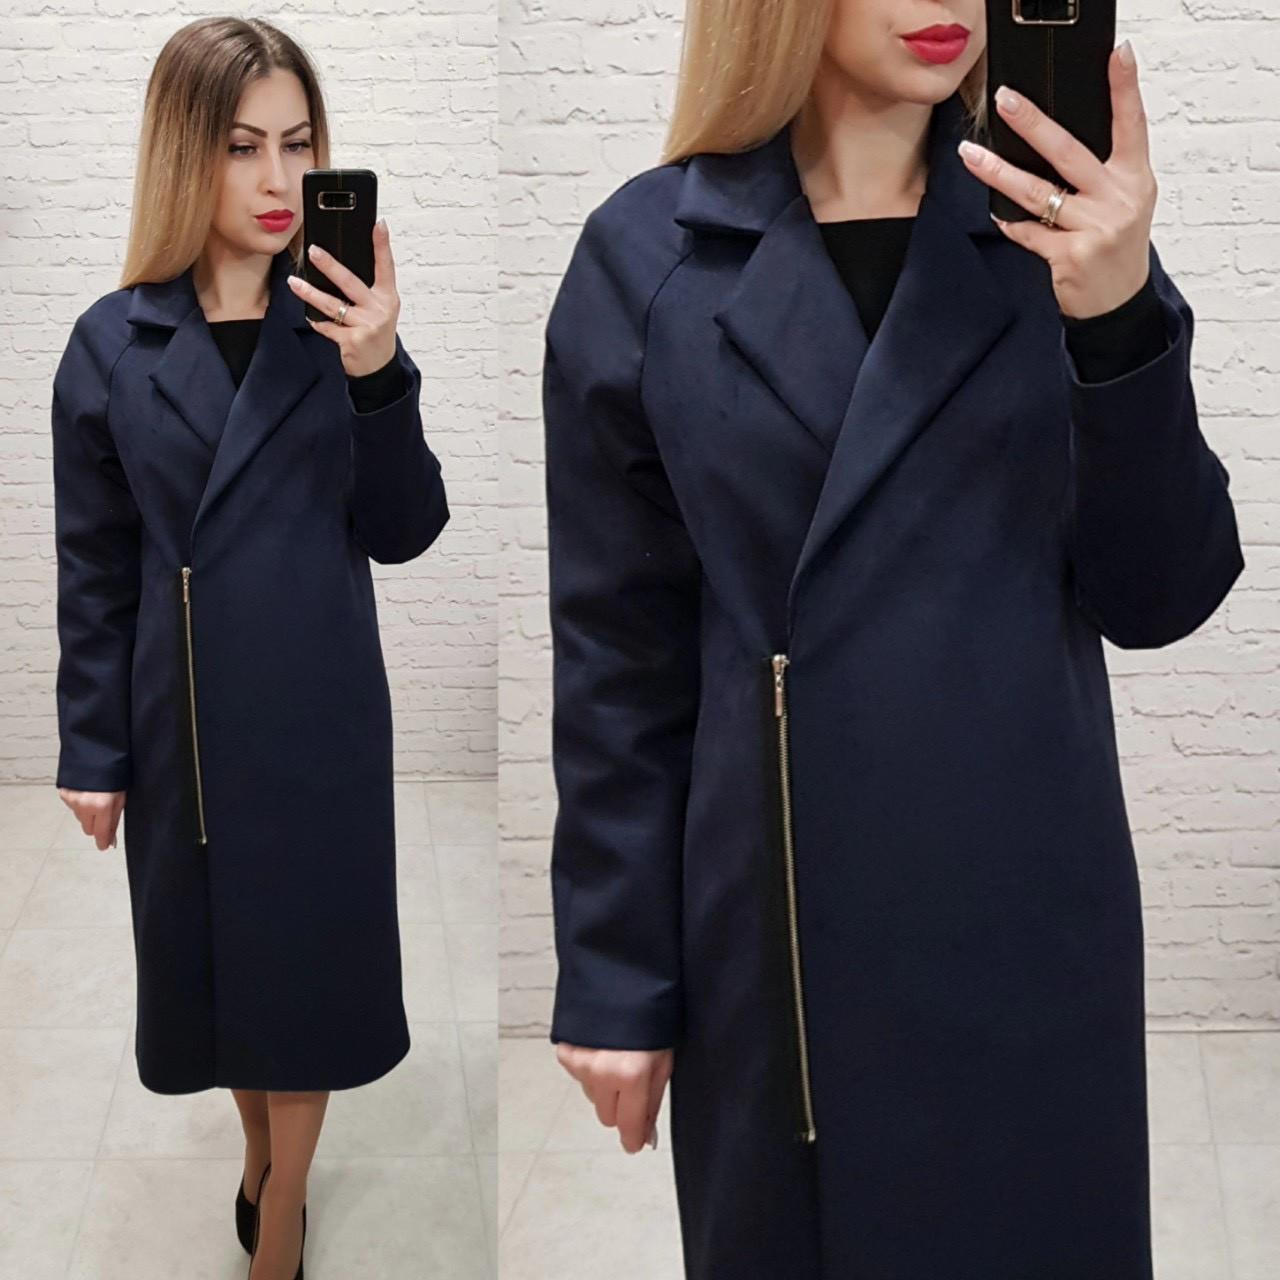 Распродажа!!! Замшевое пальто Oversize на змейке с карманами и подкладкой, М100, цвет темно синий